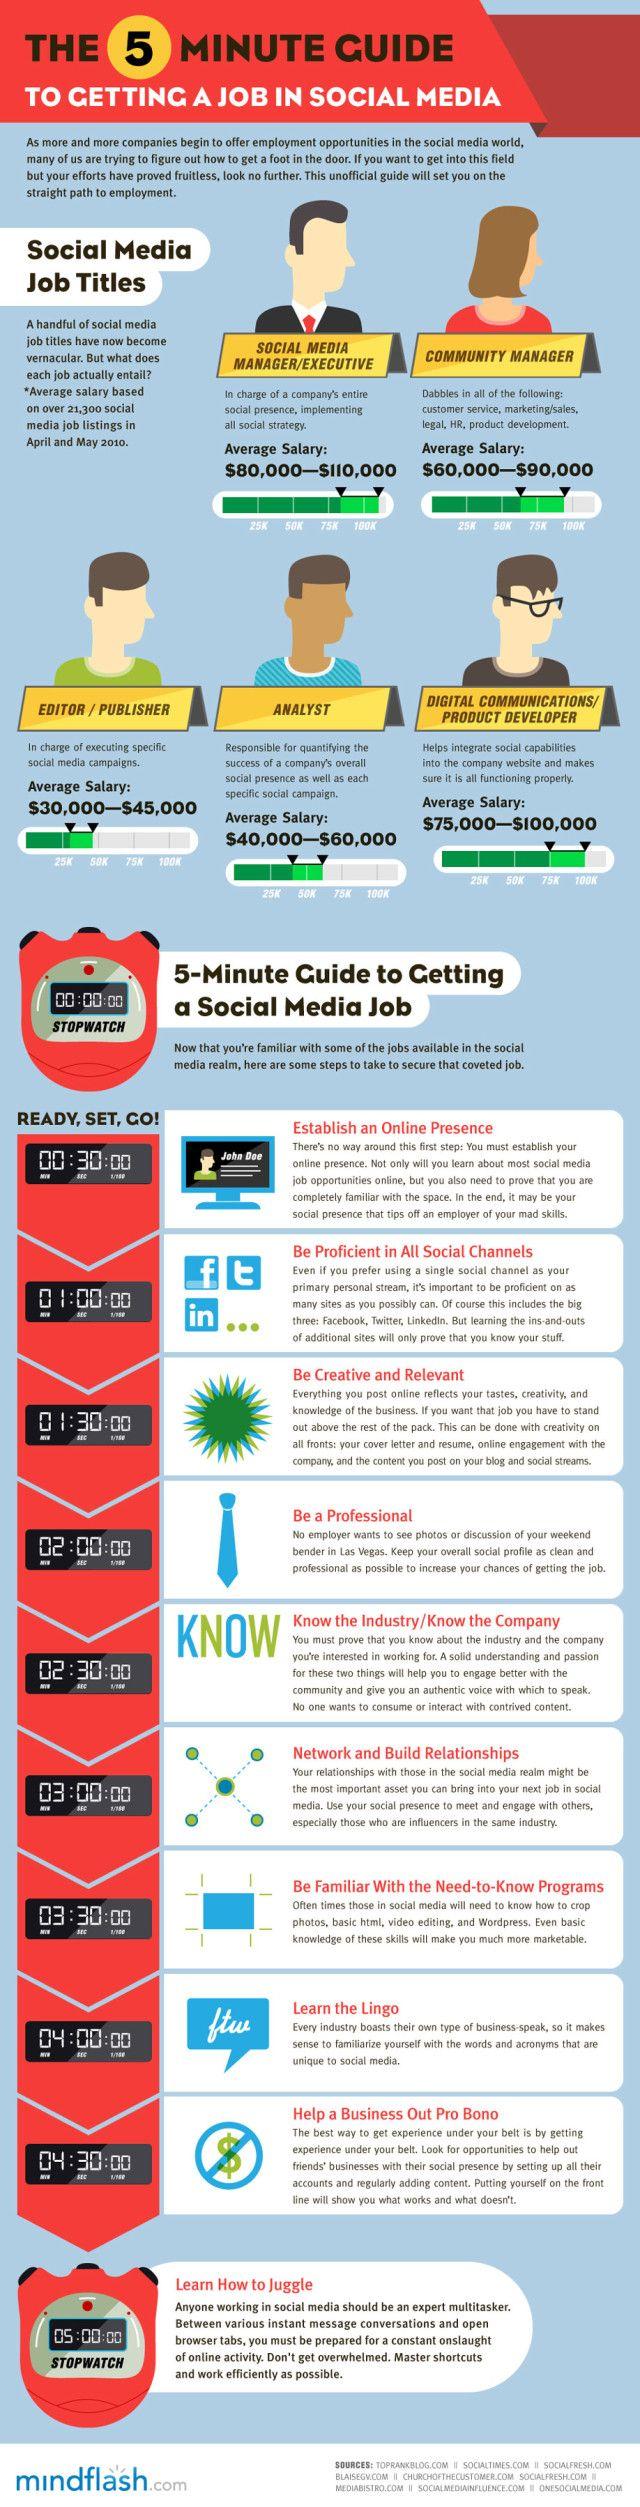 The 5 minute guide to getting a job in social media | De 5 minuten gids voor het vinden van een job in #social media